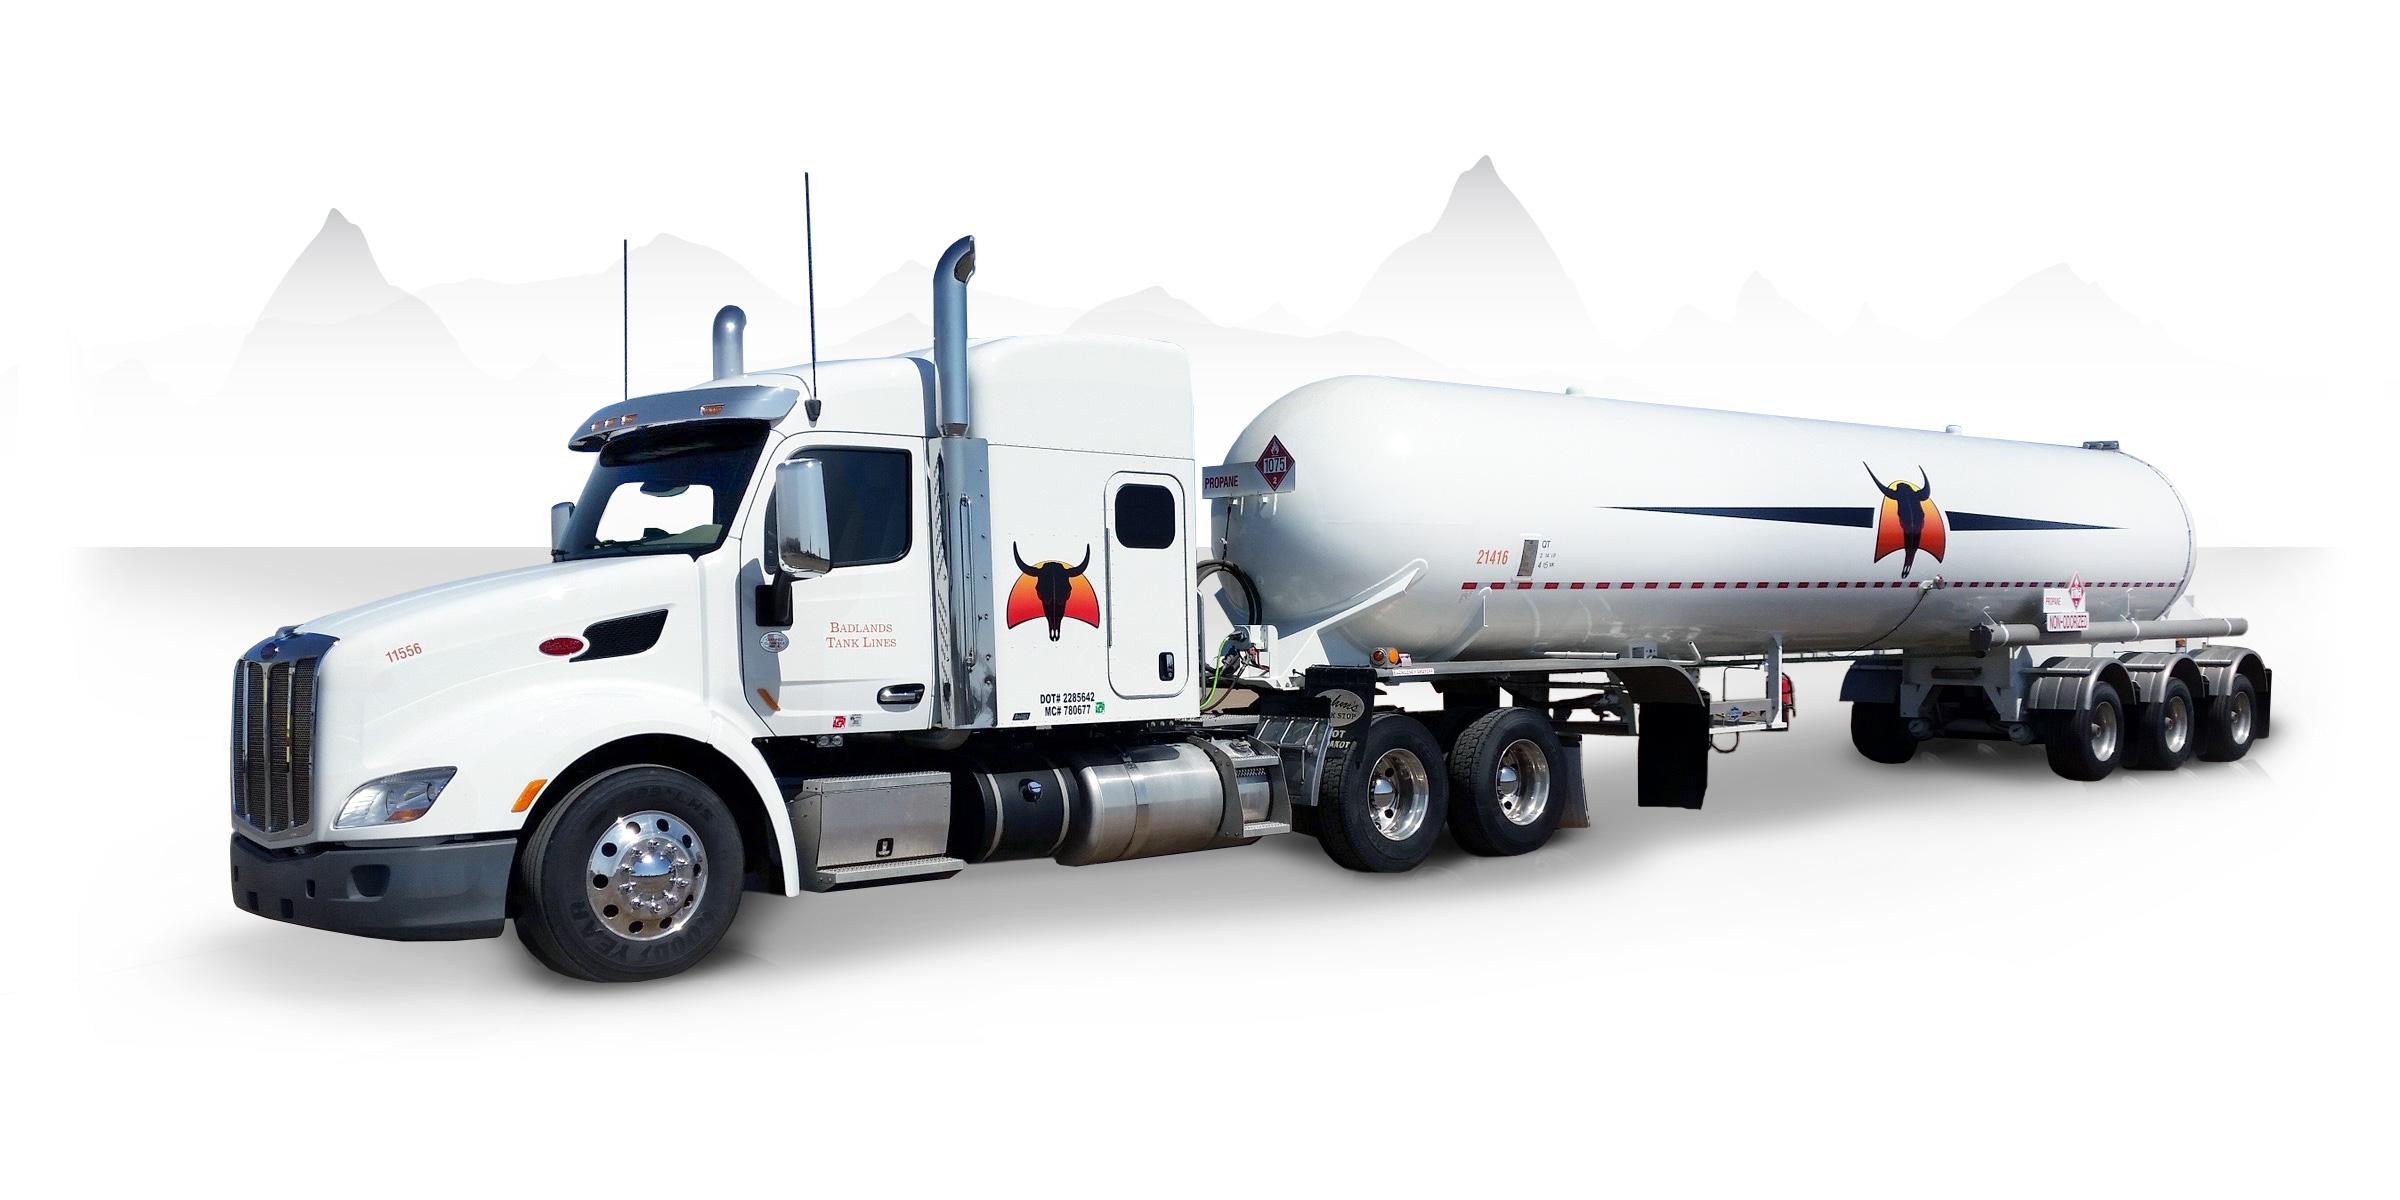 Badlands_Truck.jpg